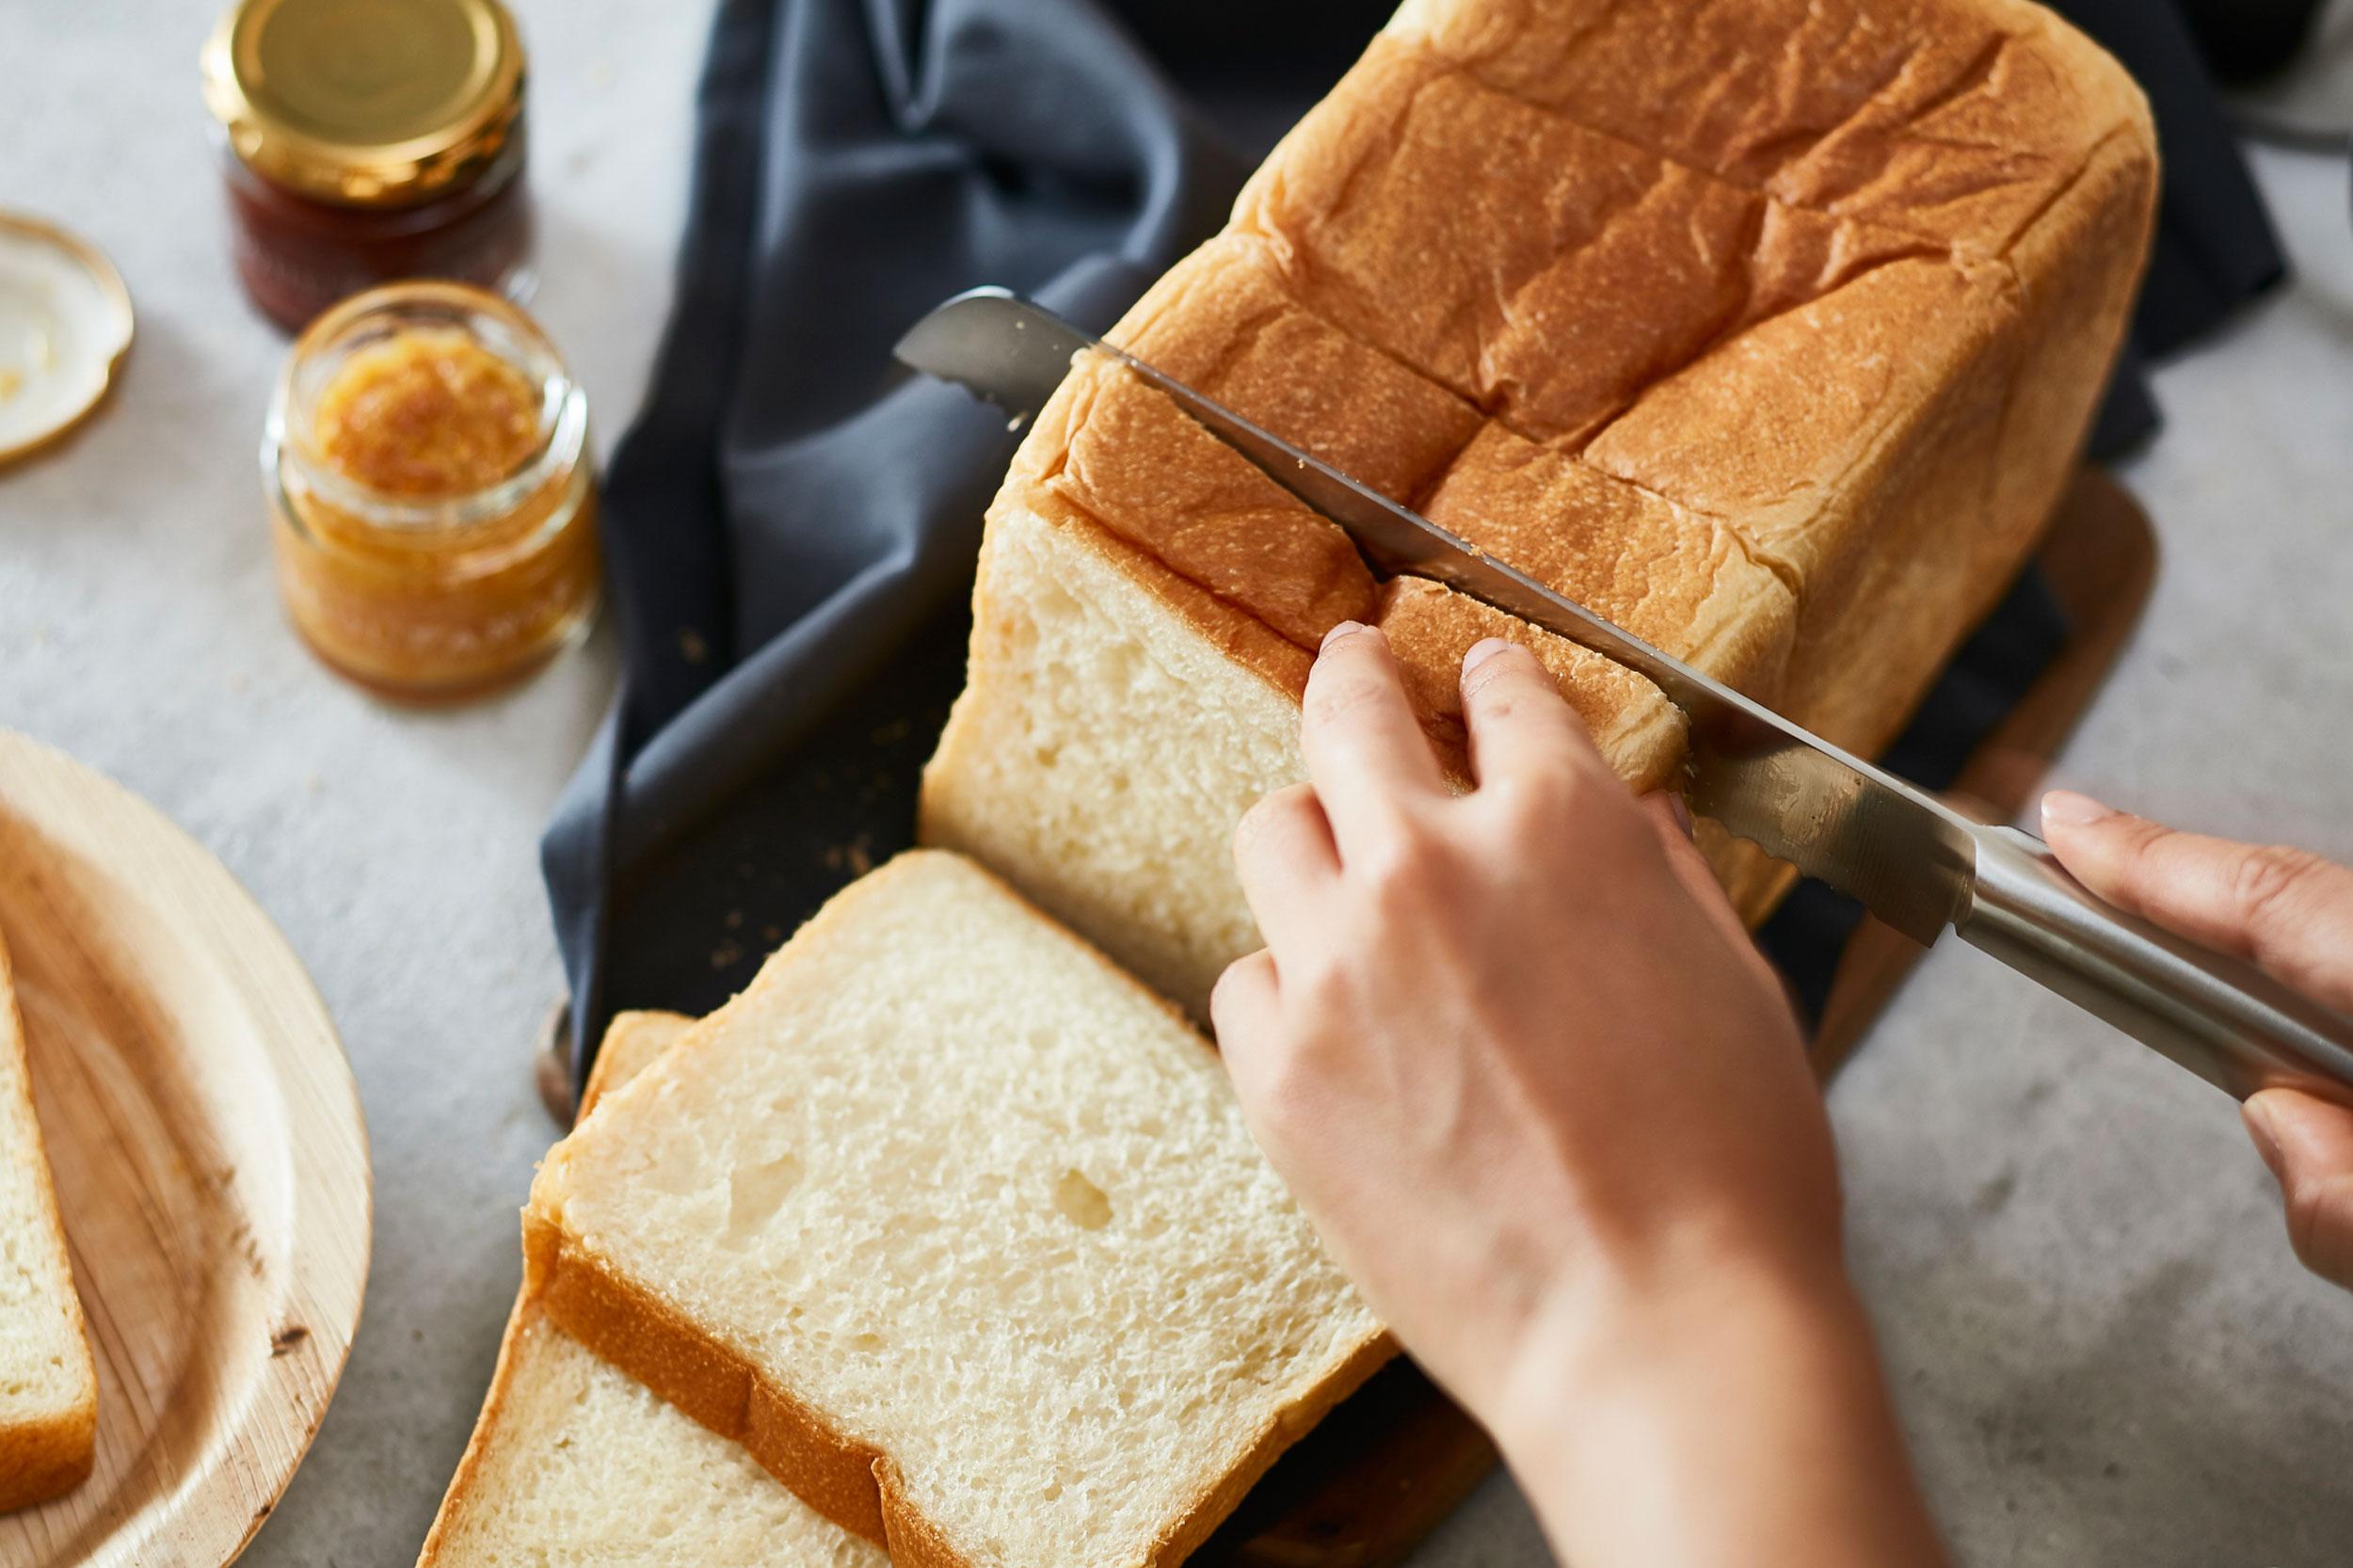 パンを買った翌日でもそのパンが持つ「おいしさ」が再現できるトースター